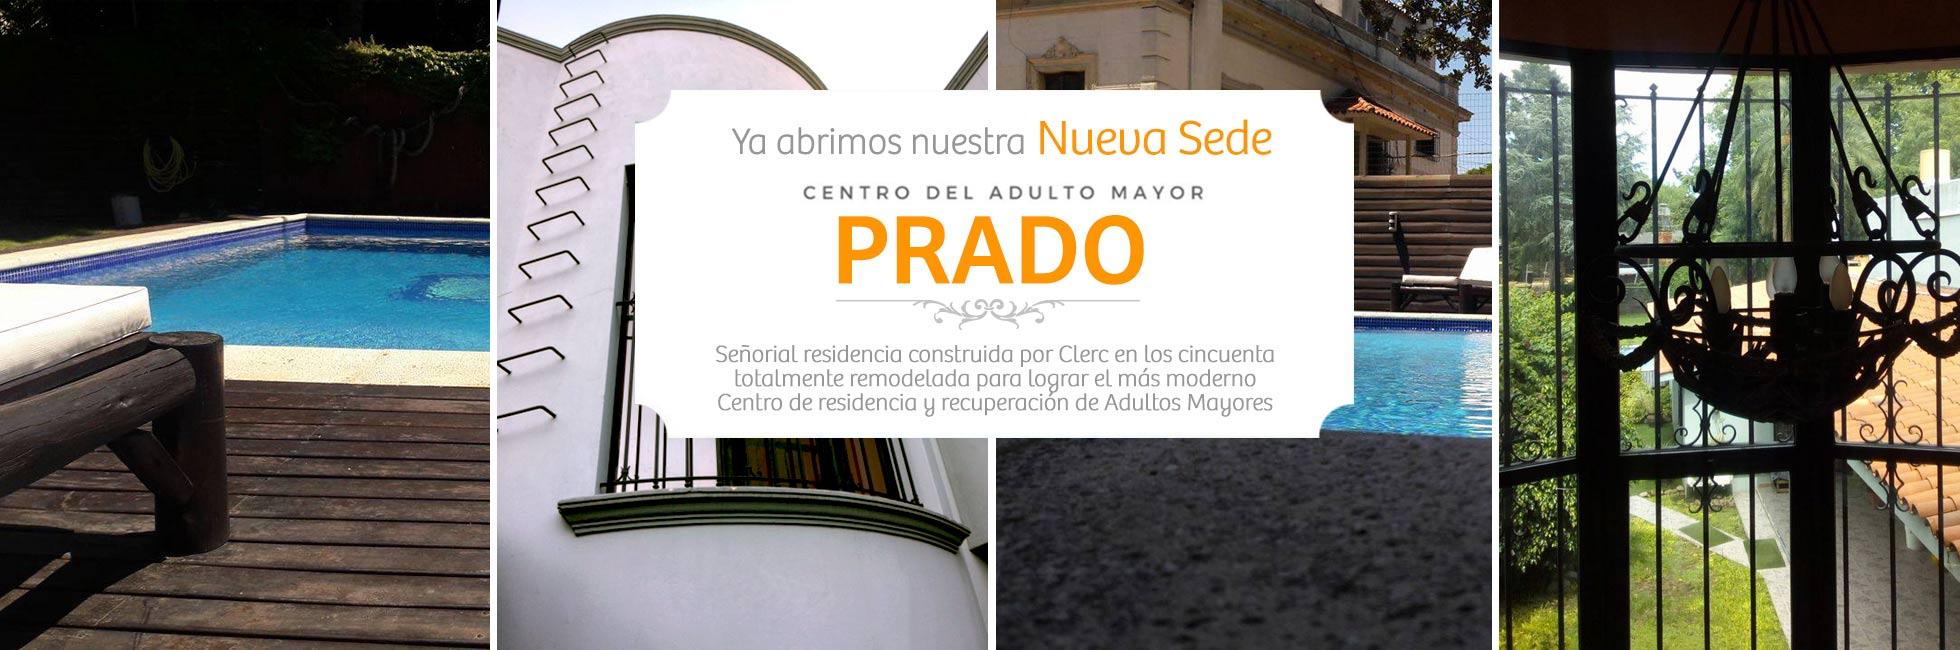 sede-prado-04